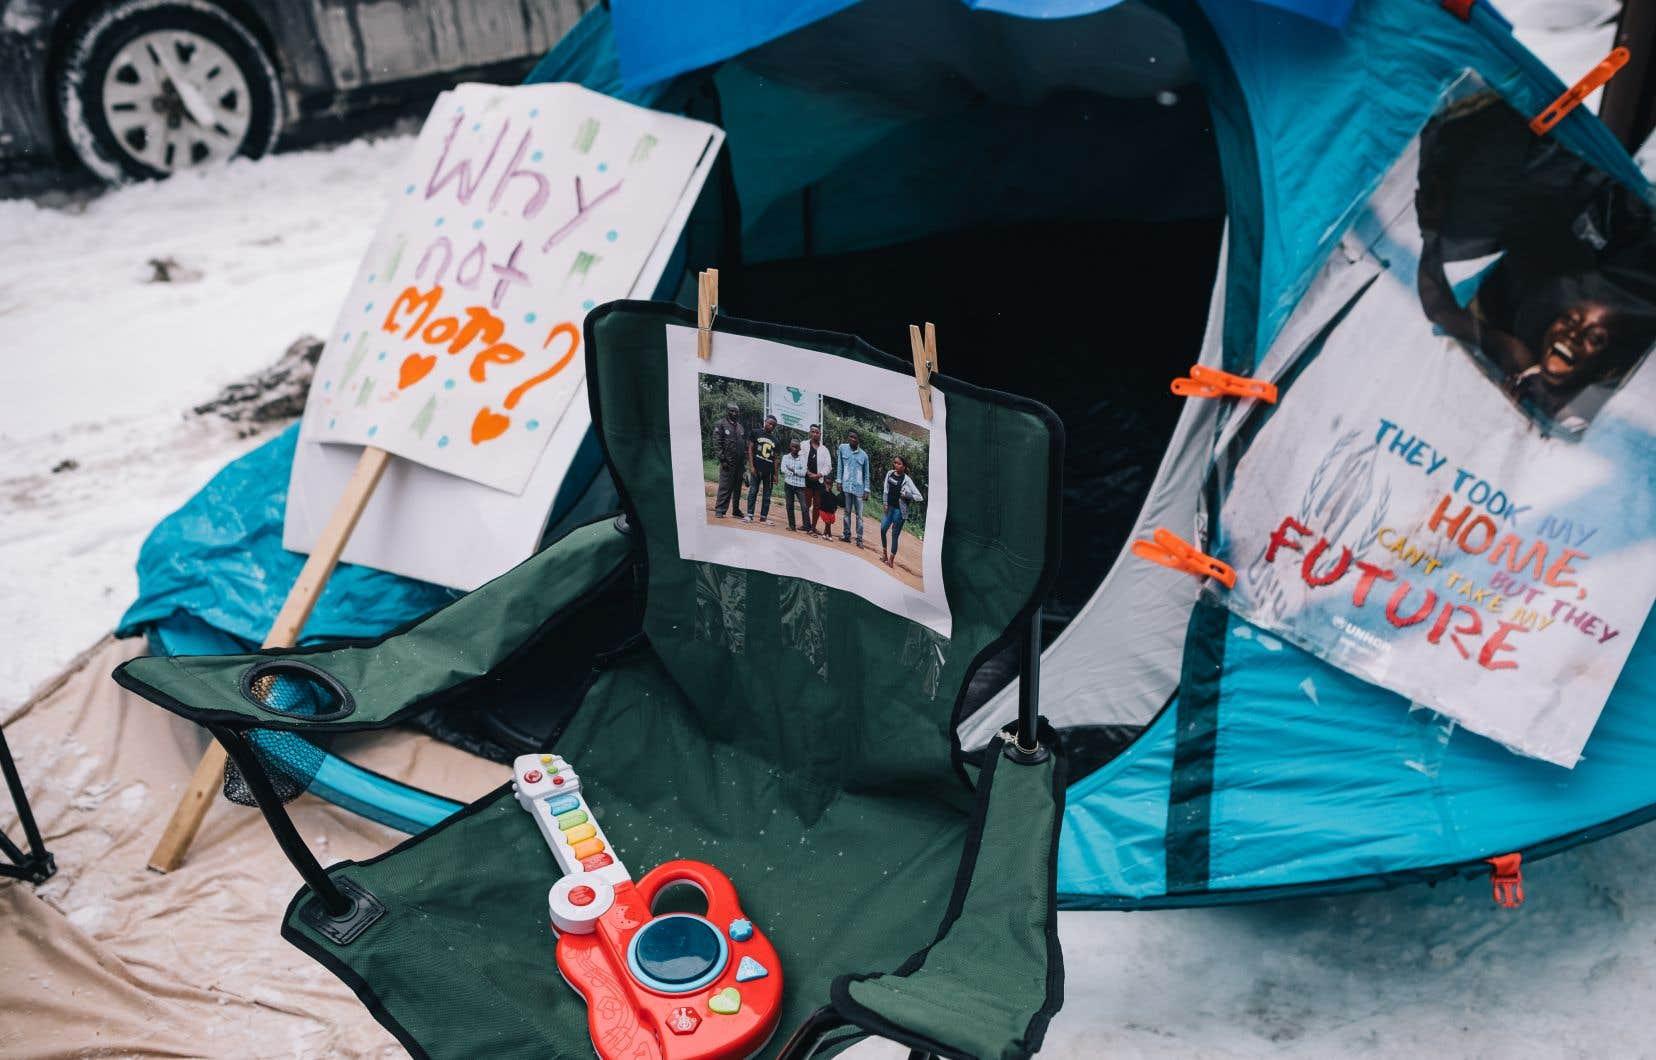 Dimanche après-midi, dans un stationnement enneigé en face des bureaux du MIFI, un petit camp de réfugiés a étérecréé de manière symbolique.